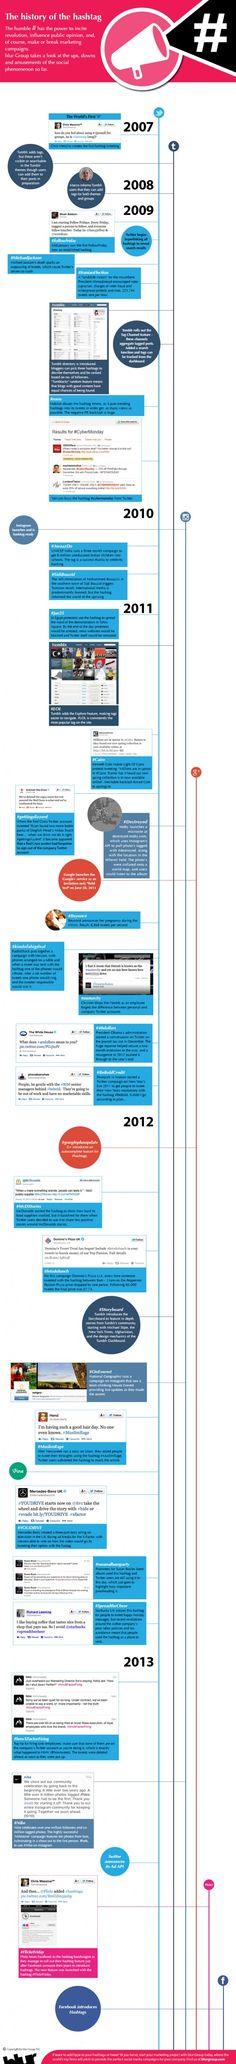 Historia del 'hashtag' (infografía)